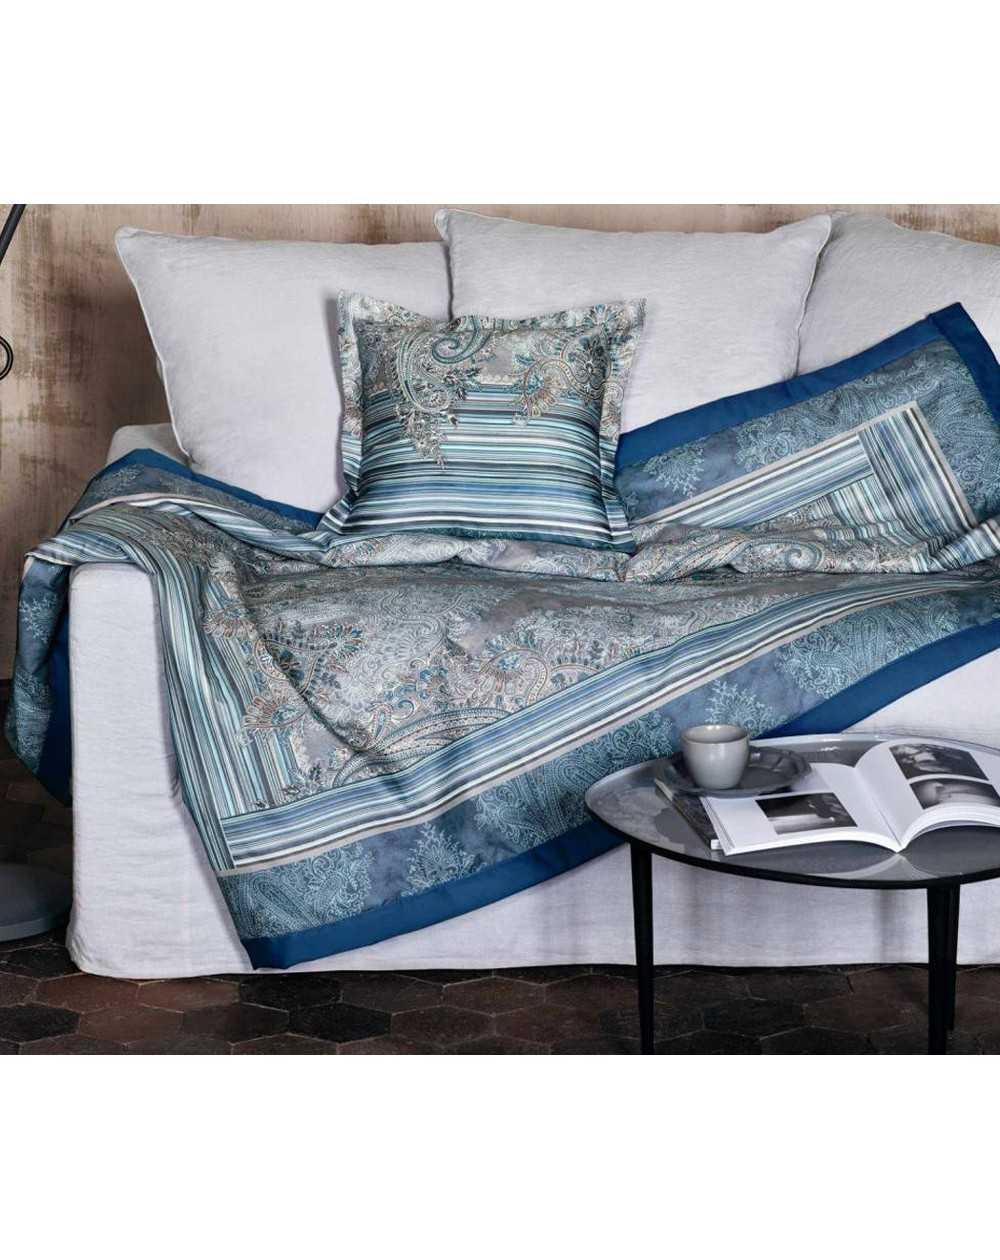 consegna in 1 giorno plaid filarete linea granfoulard bassetti rasoline l f d home. Black Bedroom Furniture Sets. Home Design Ideas